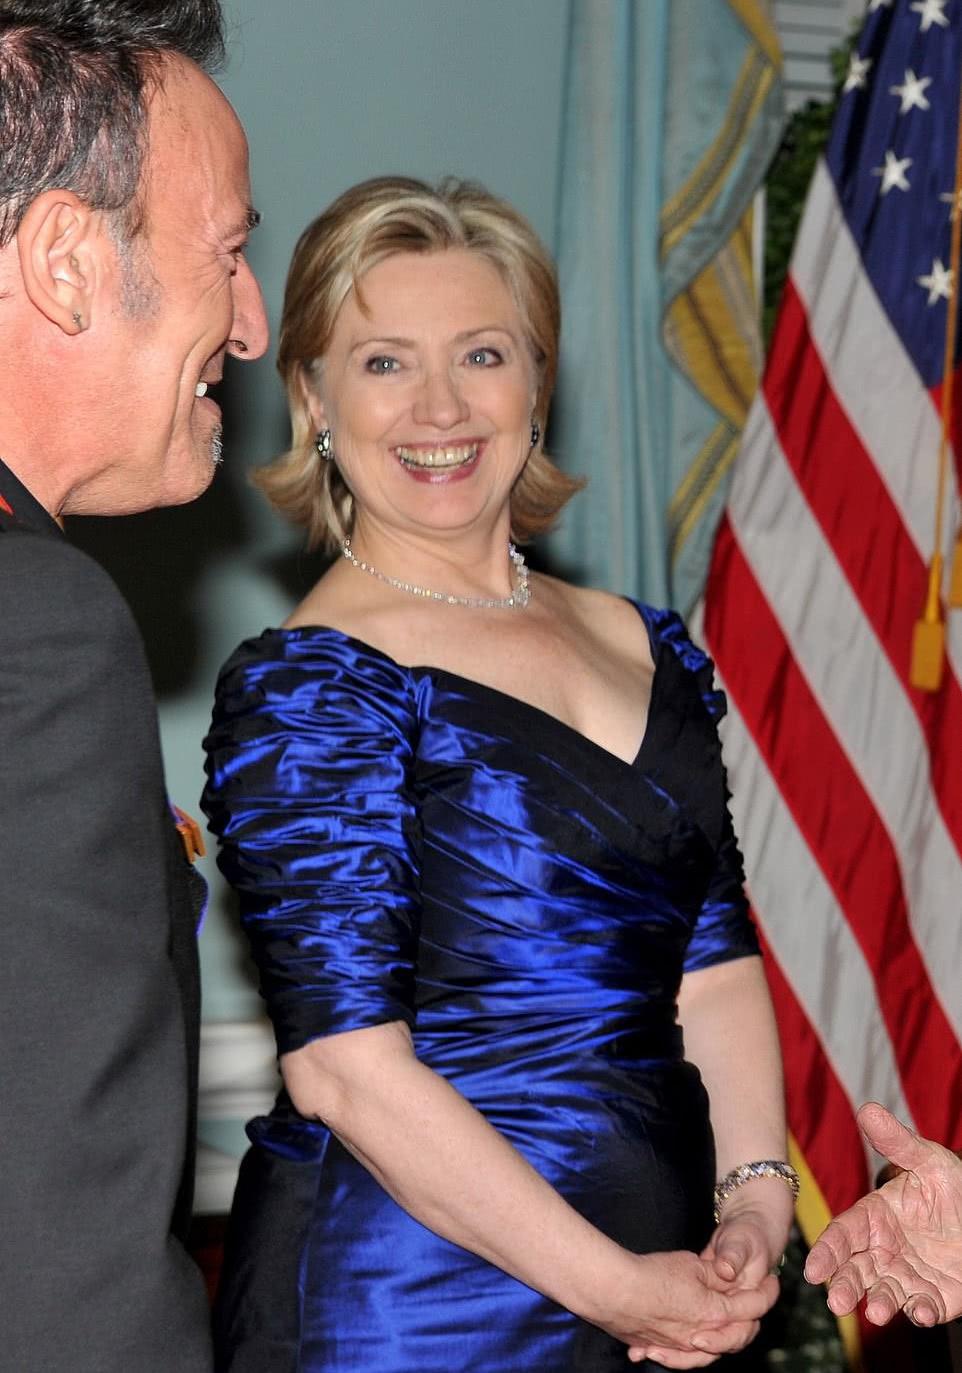 希拉里·克林顿曾穿过一件与画中相似的蓝色裙子。(图自社交媒体)